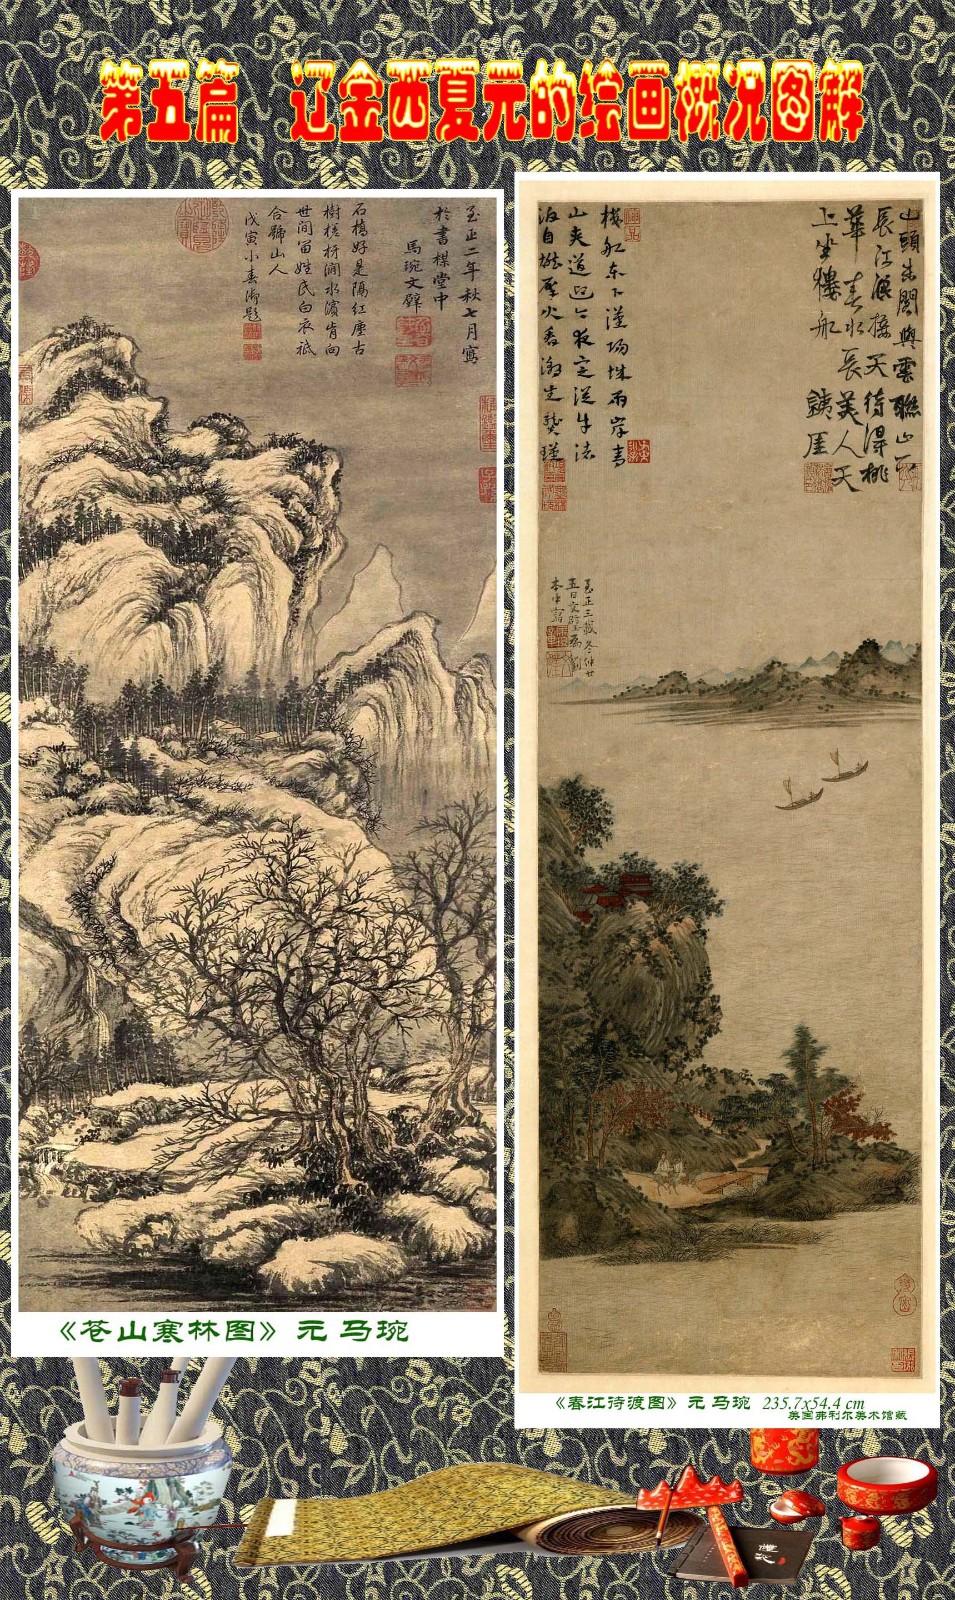 顾绍骅编辑 中国画知识普及版 第五篇 辽金西夏元的绘画概况 下 ... ..._图1-60